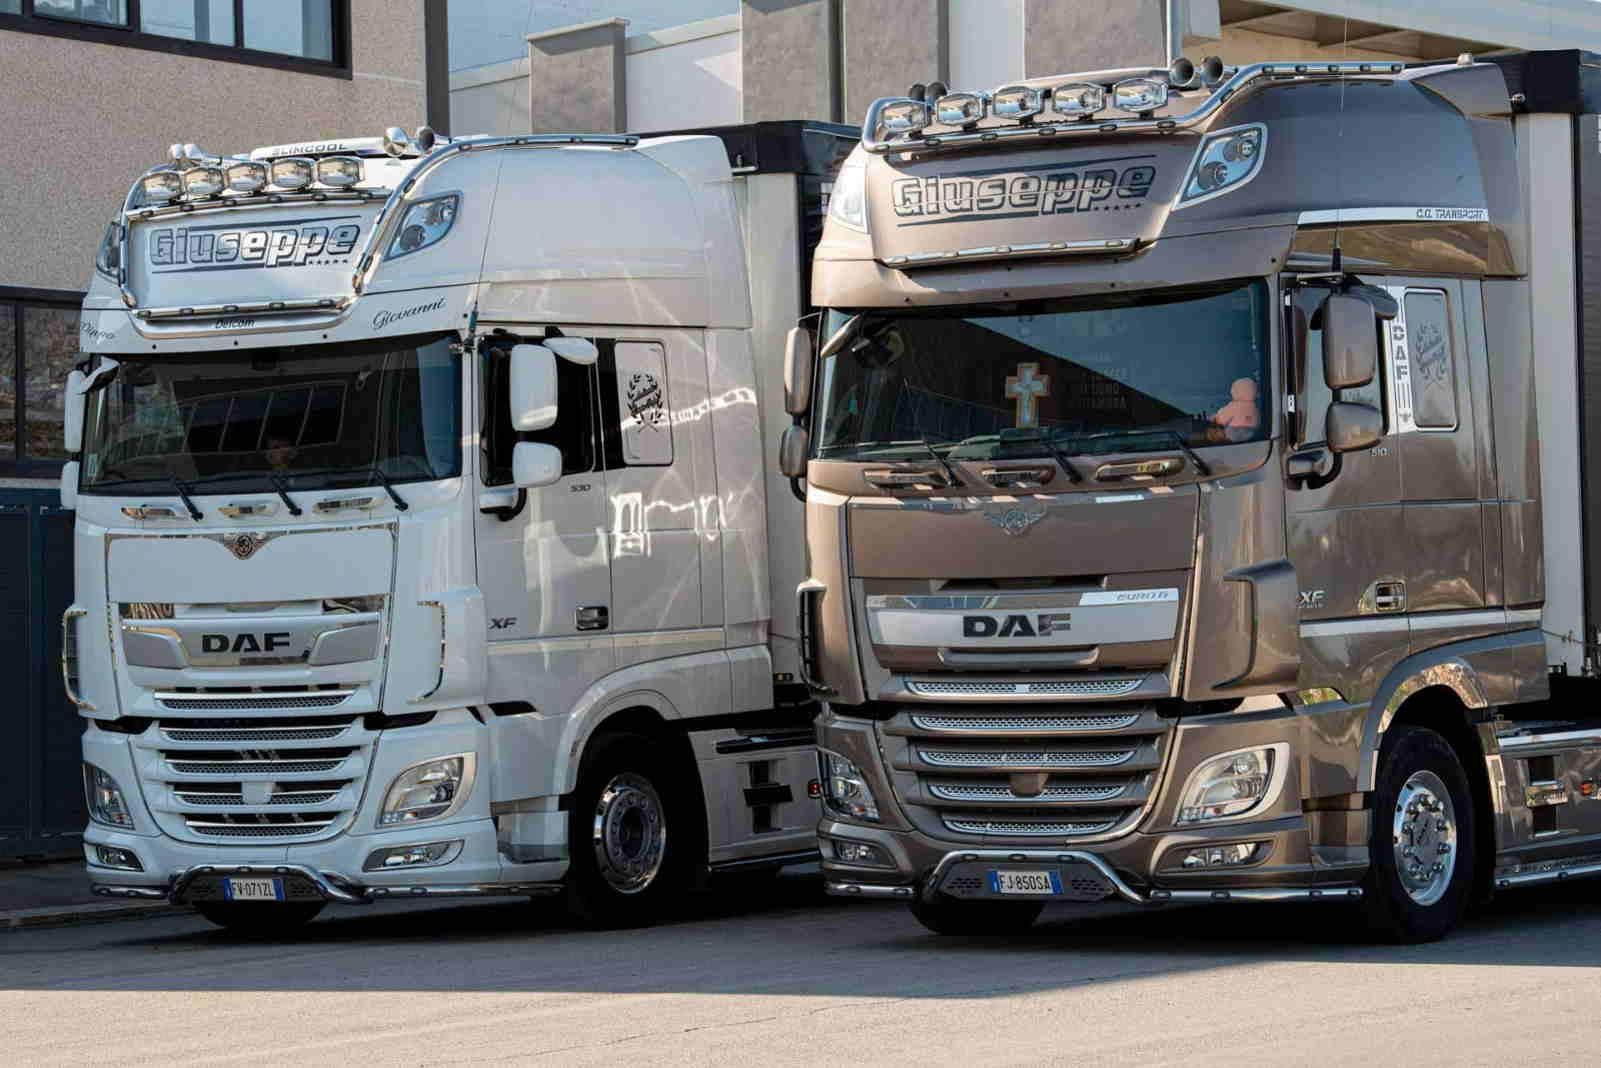 Camion a deposito GAA Scarl Trasporti Altamura